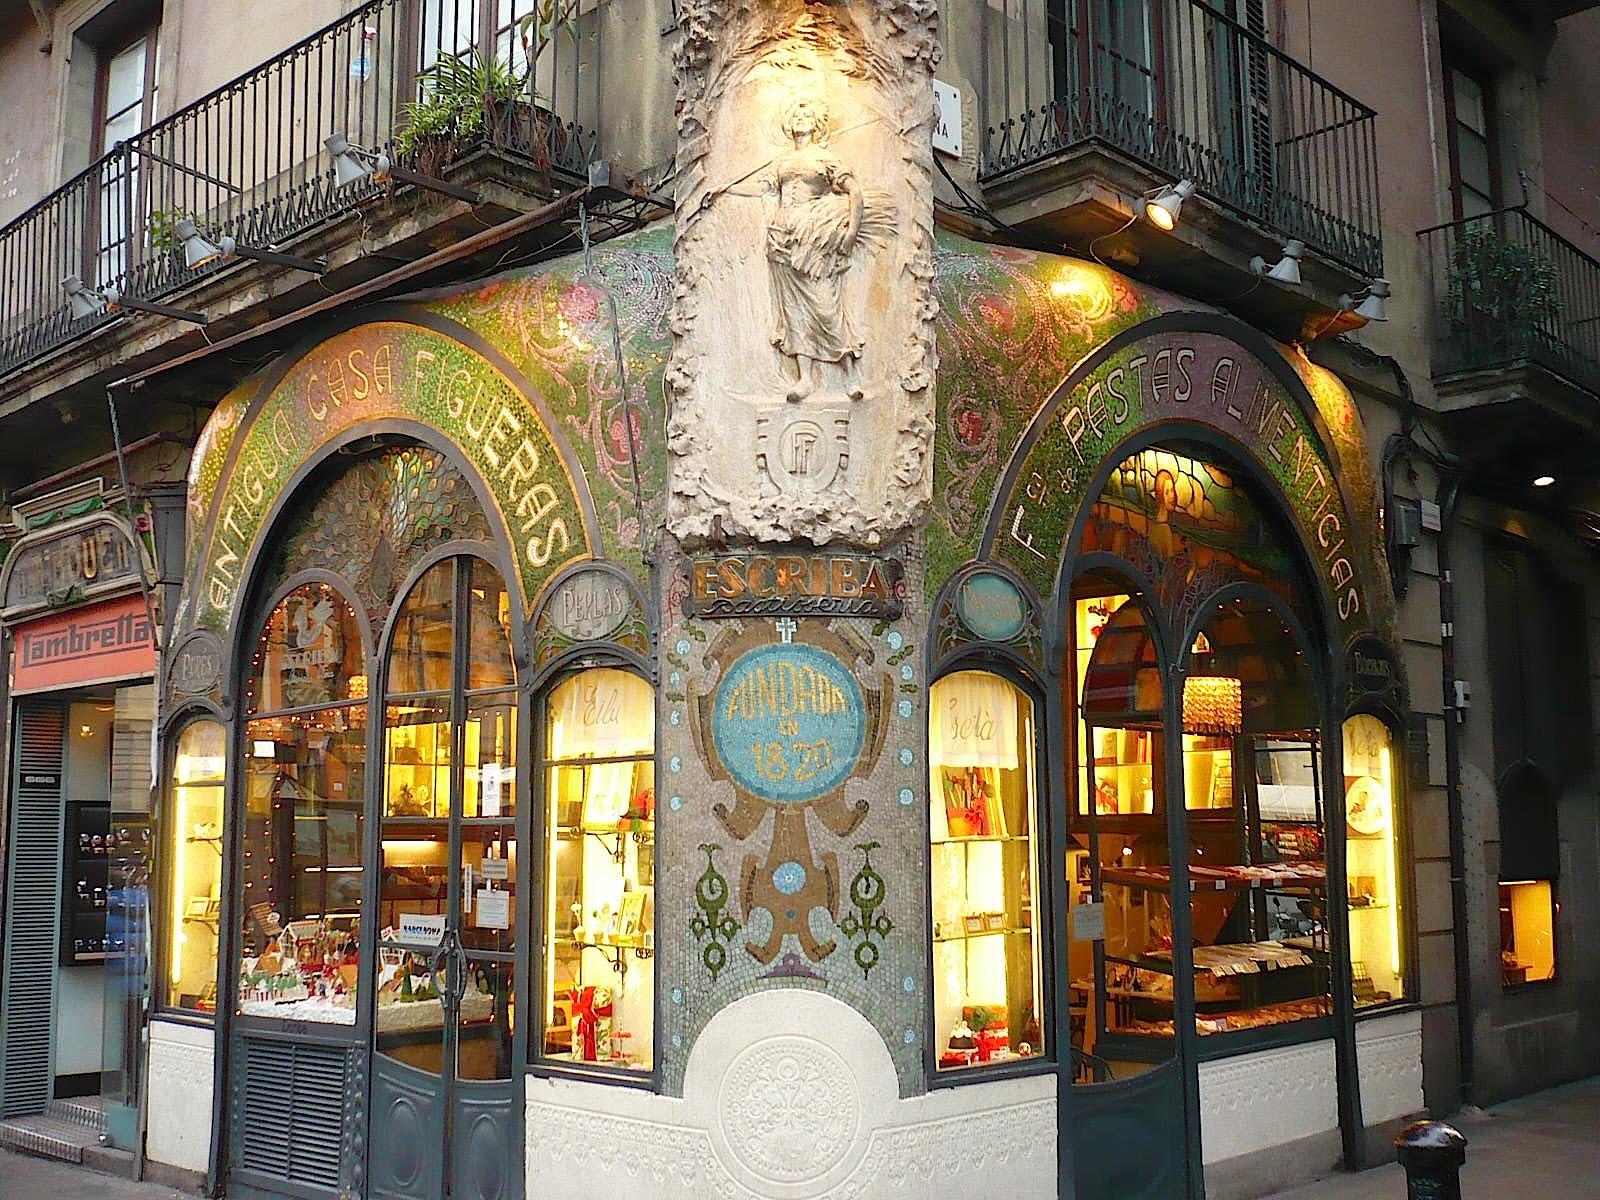 Go ter le monde antiga casa figueras 1902 p tisserie - Art nouveau architecture de barcelone revisitee ...